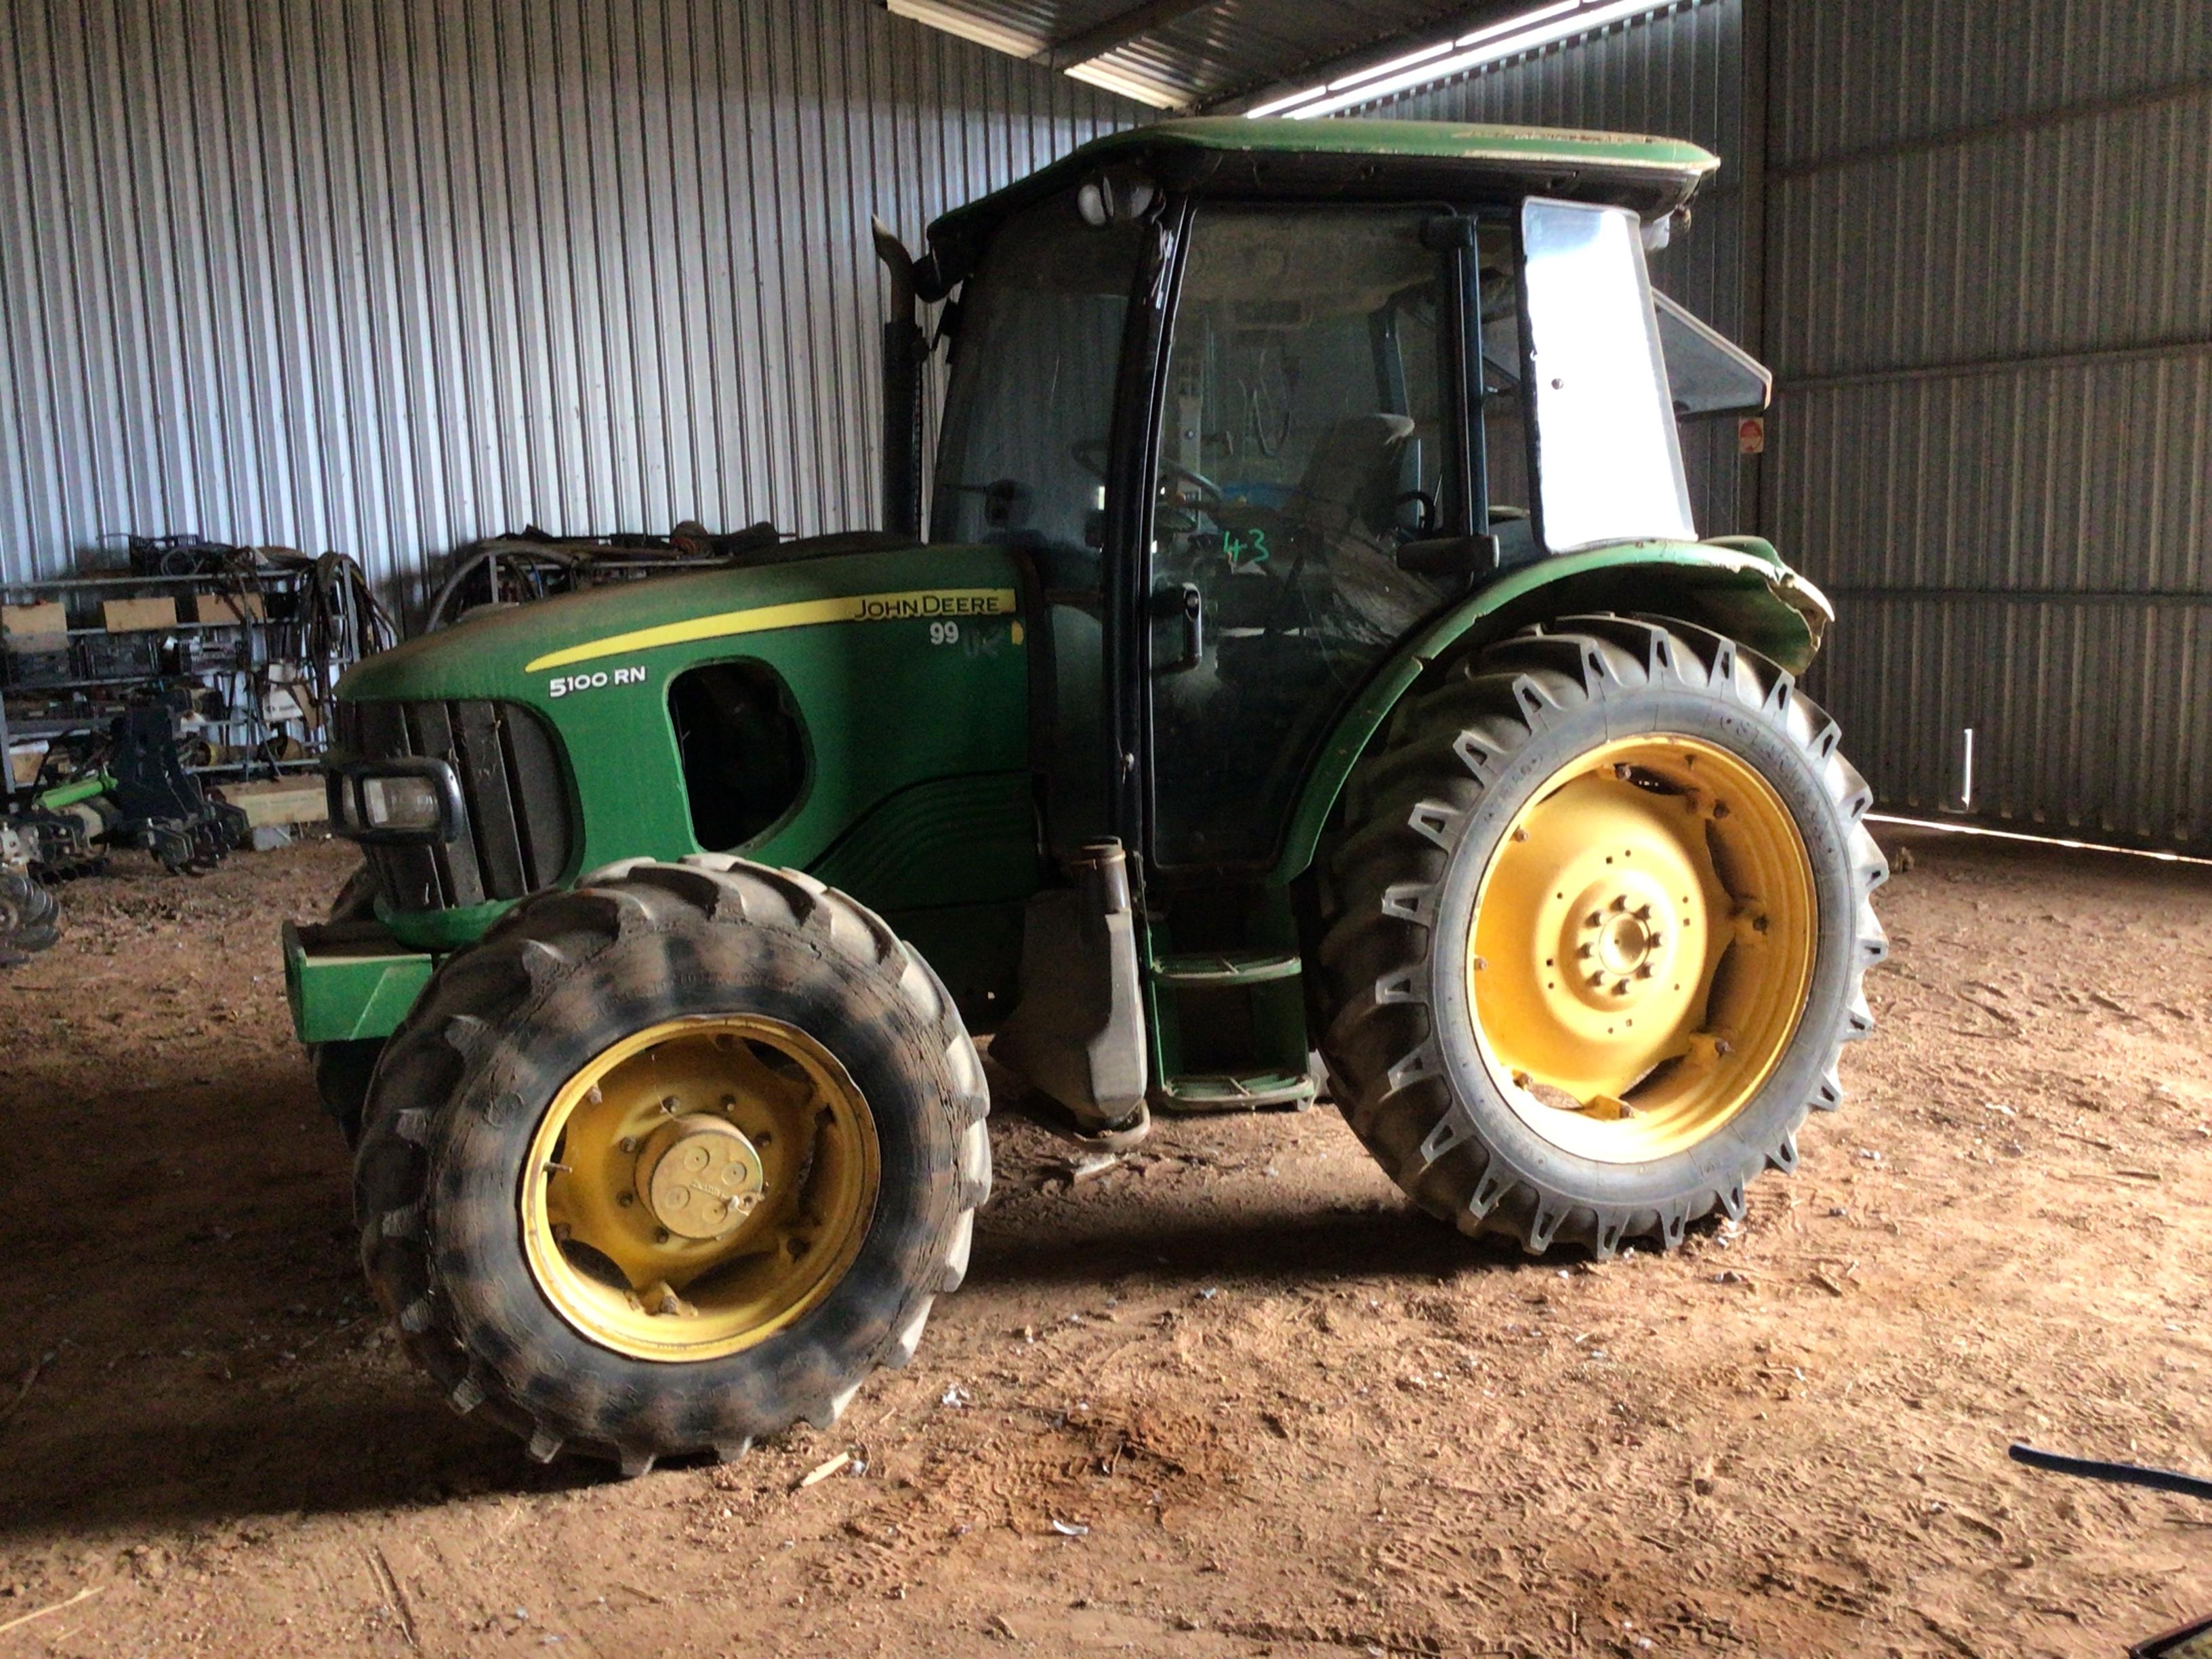 John Deere 5100RN Tractor